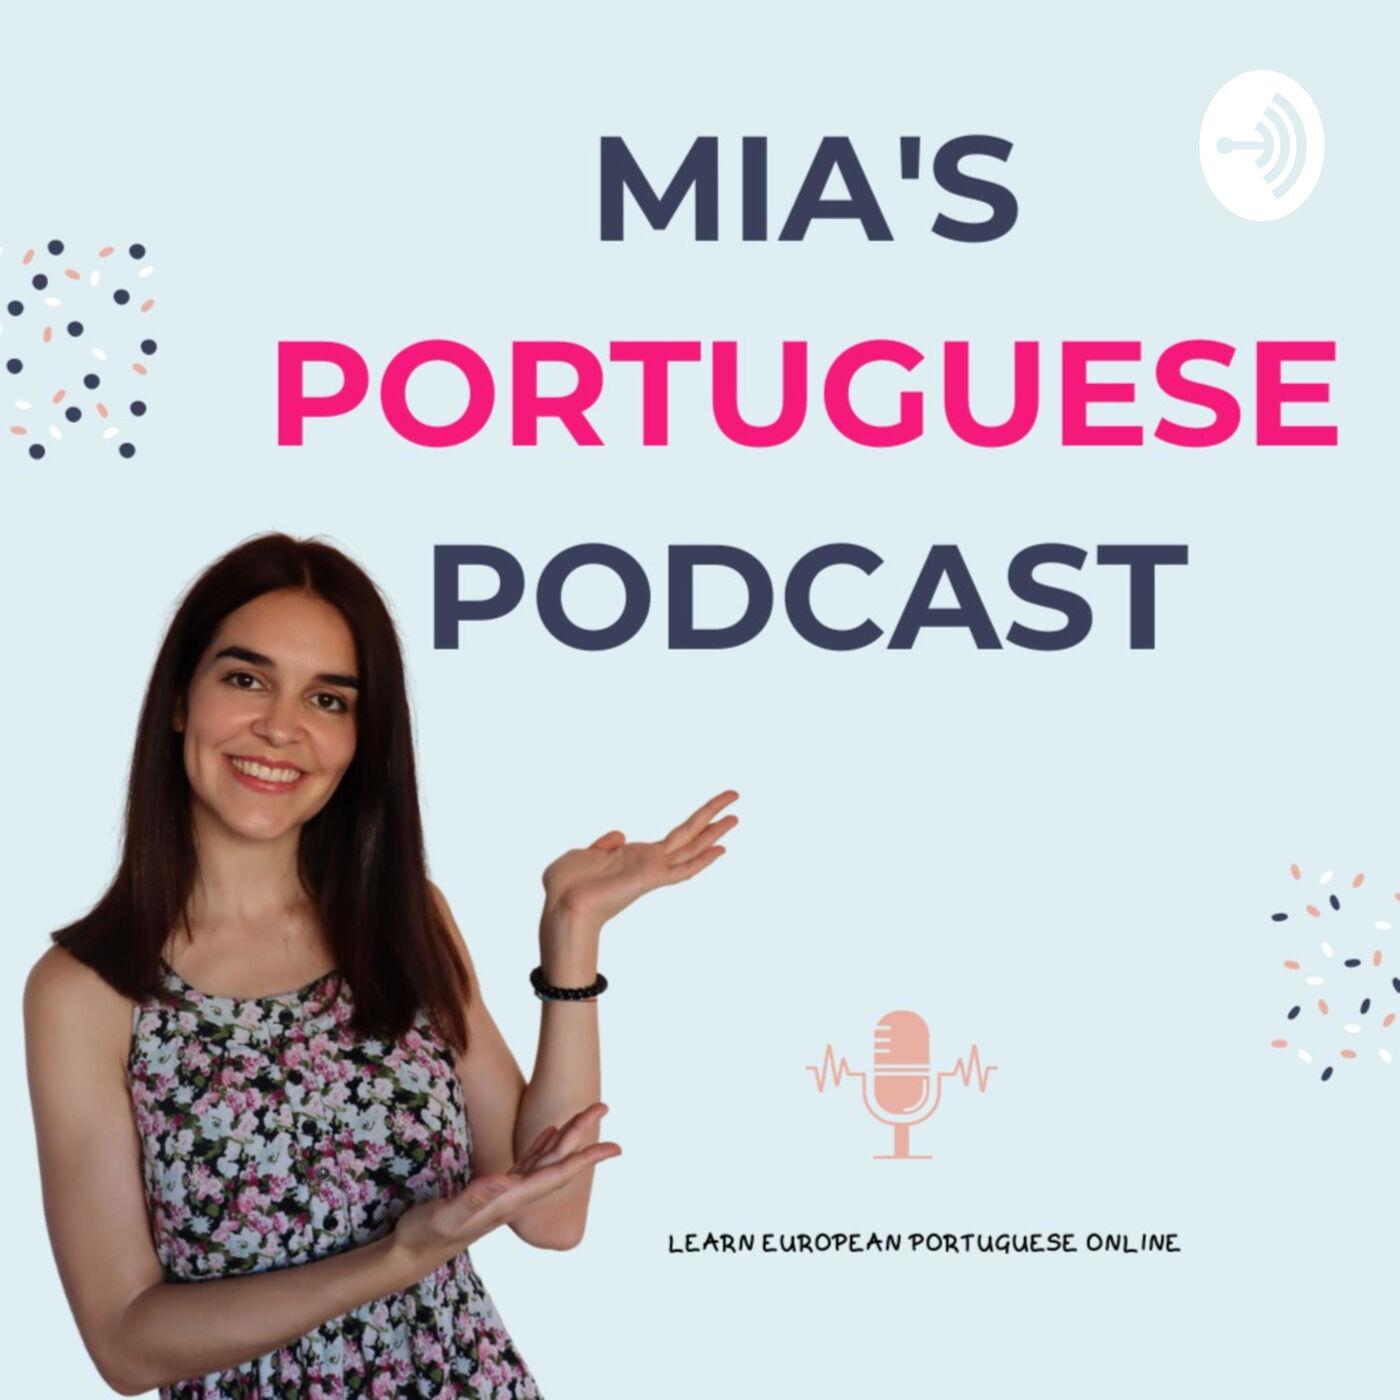 Mia's Portuguese Podcast 14 - Algumas das minhas coisas favoritas